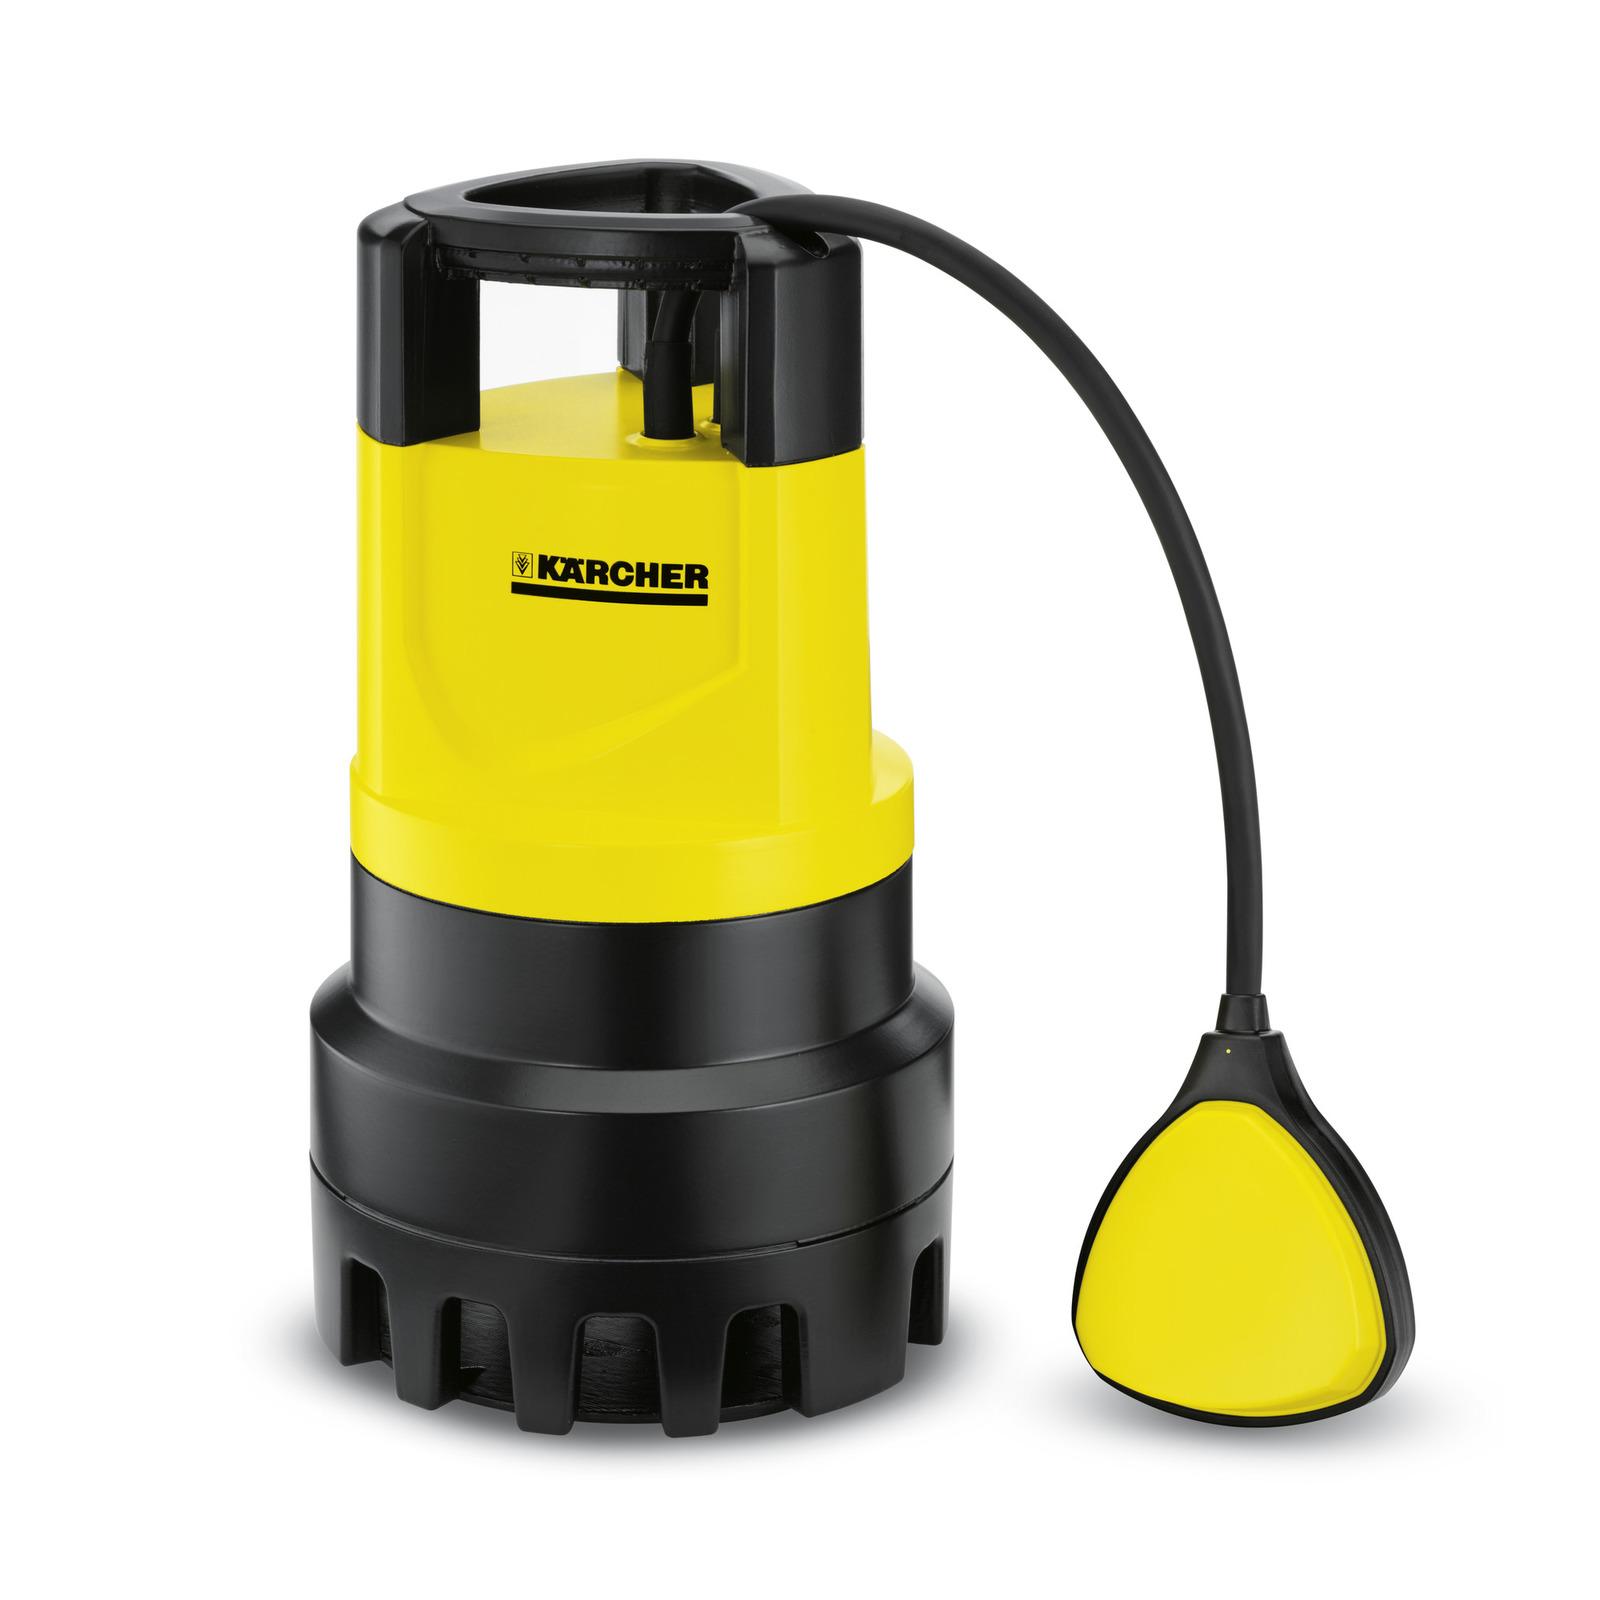 Bomba sumergible de agua sucia sdp 7000 k rcher - Bomba de agua sucia ...